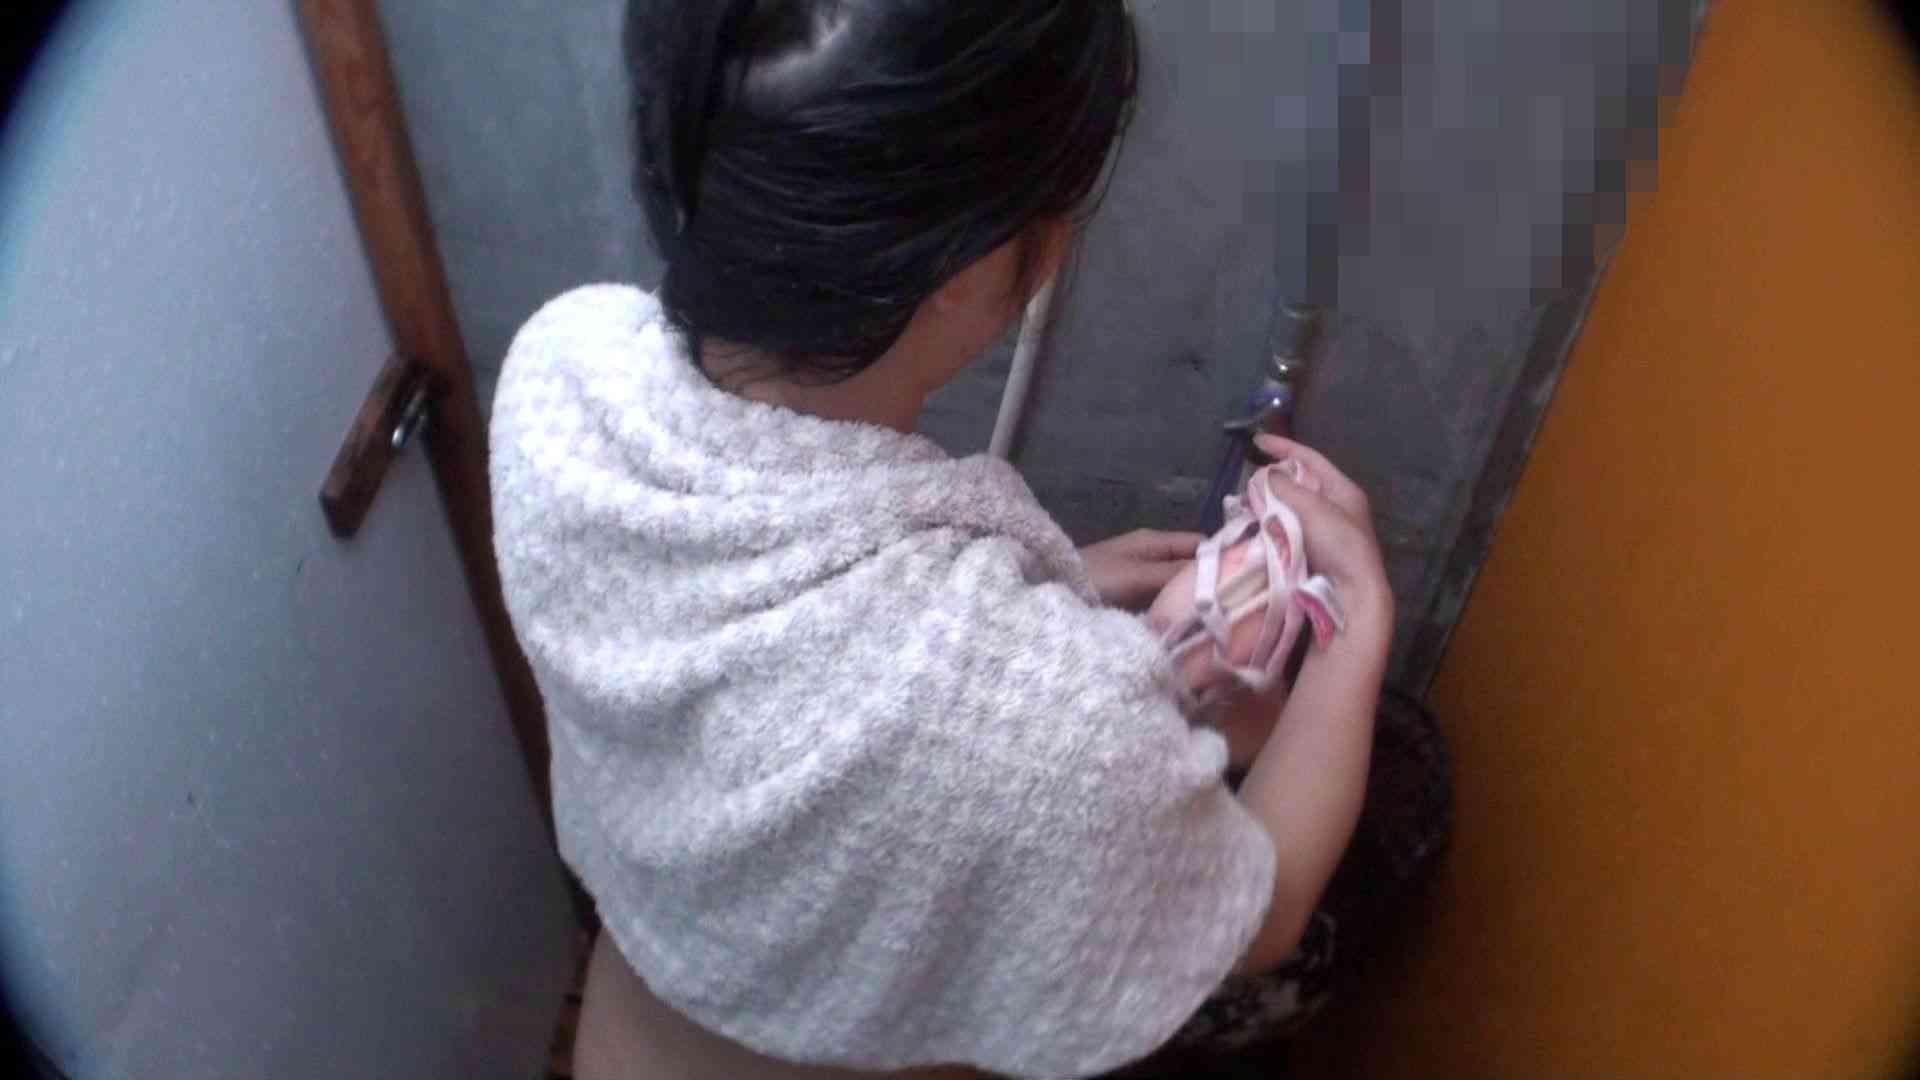 シャワールームは超!!危険な香りVol.21 オメメぱっちり貧乳ギャル鼻くそほじっても可愛いです 0   0  94画像 64